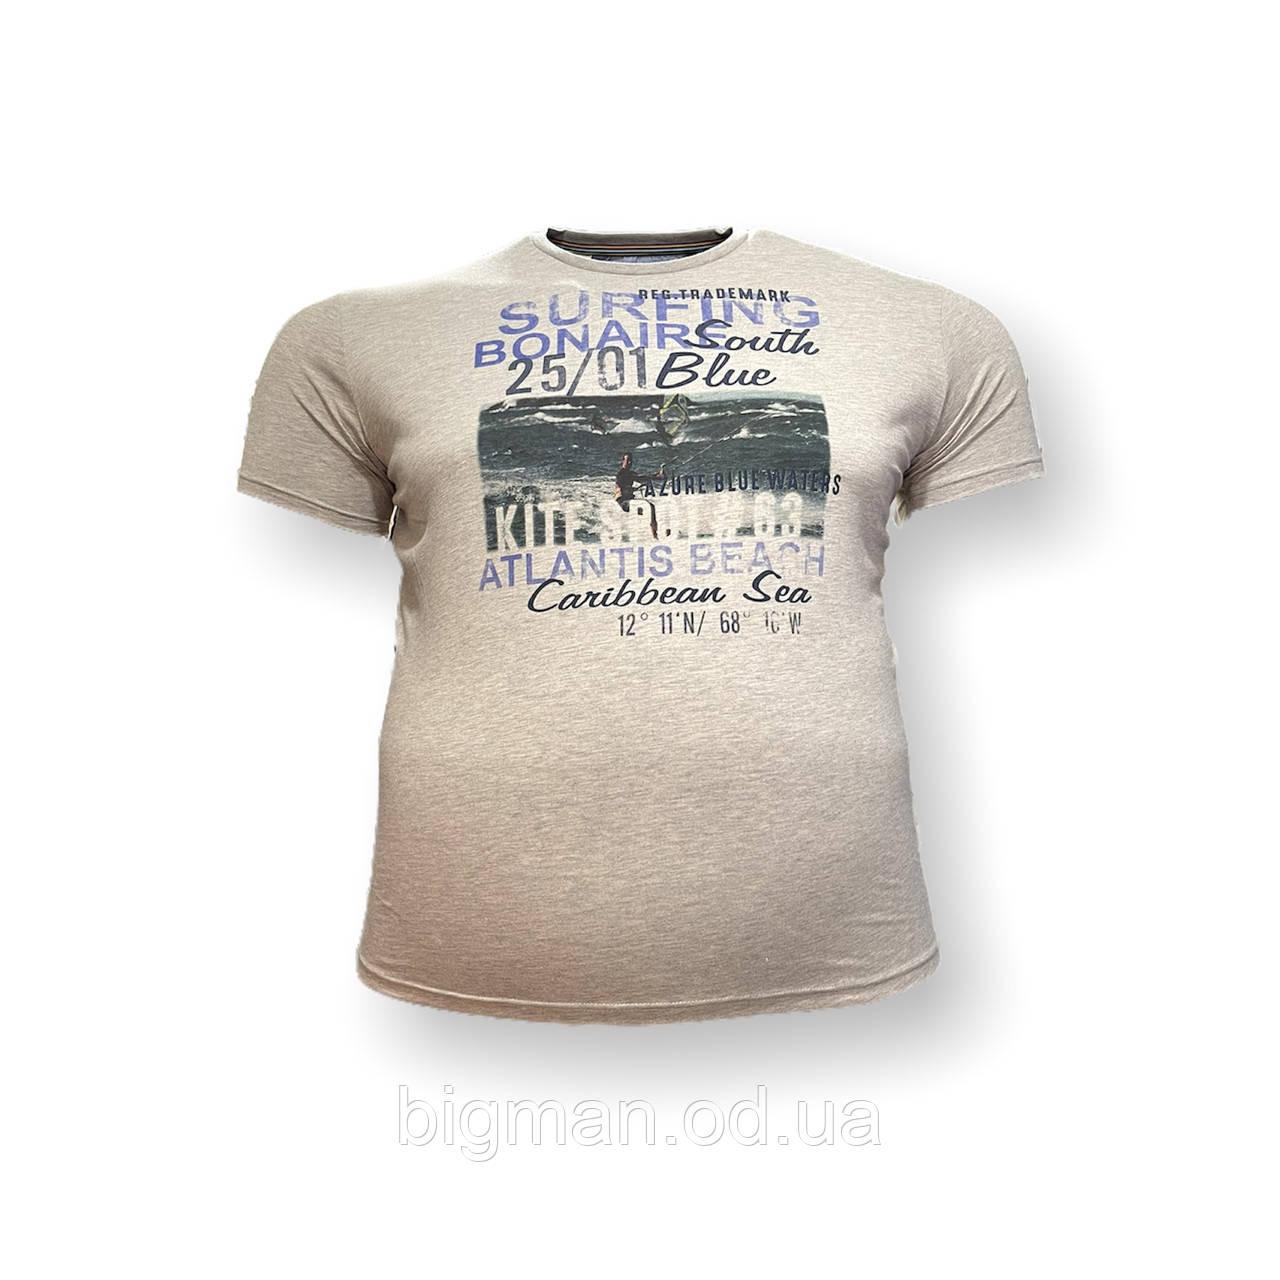 Чоловіча батальна футболка Monte Carlo 12097 3XL 4XL 5XL 6XL 7XL коричнева великі розміри Туреччина